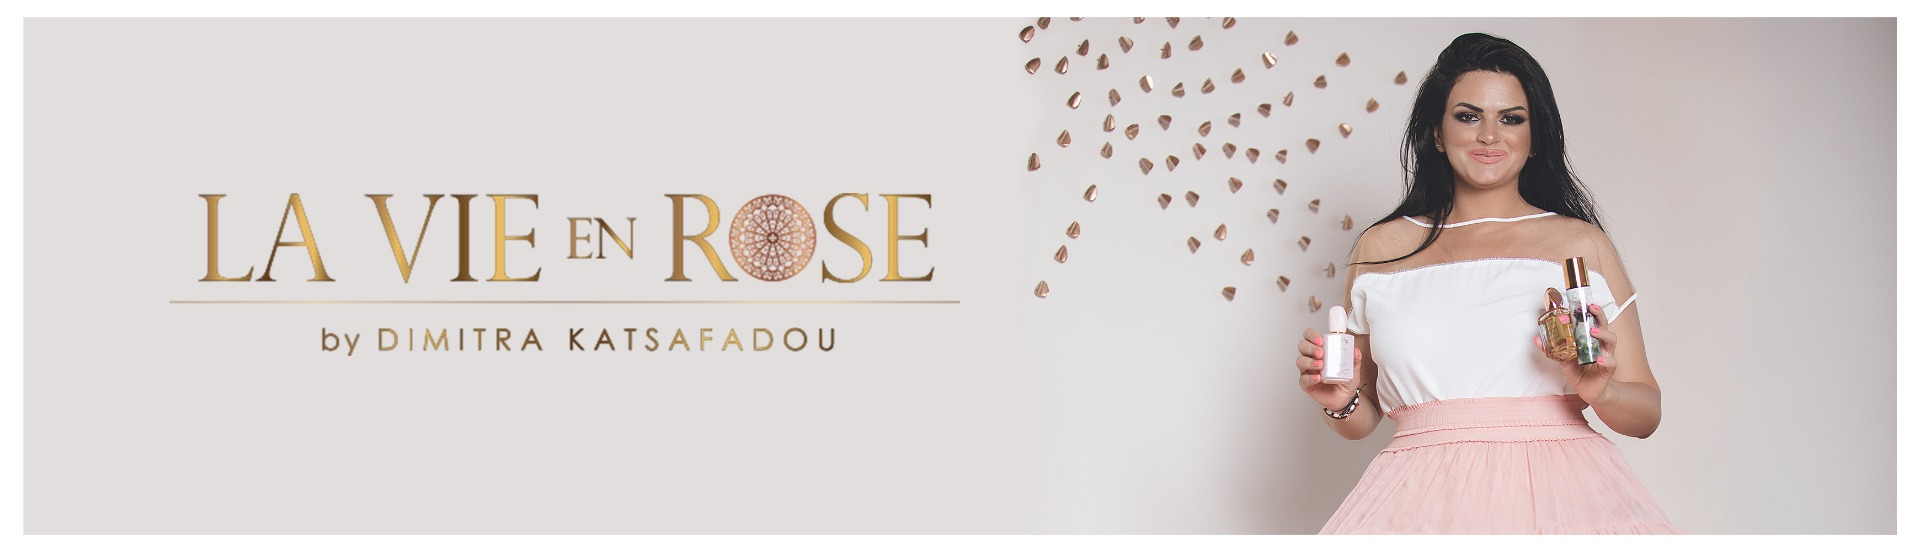 Τα προϊόντα La Vie en Rose